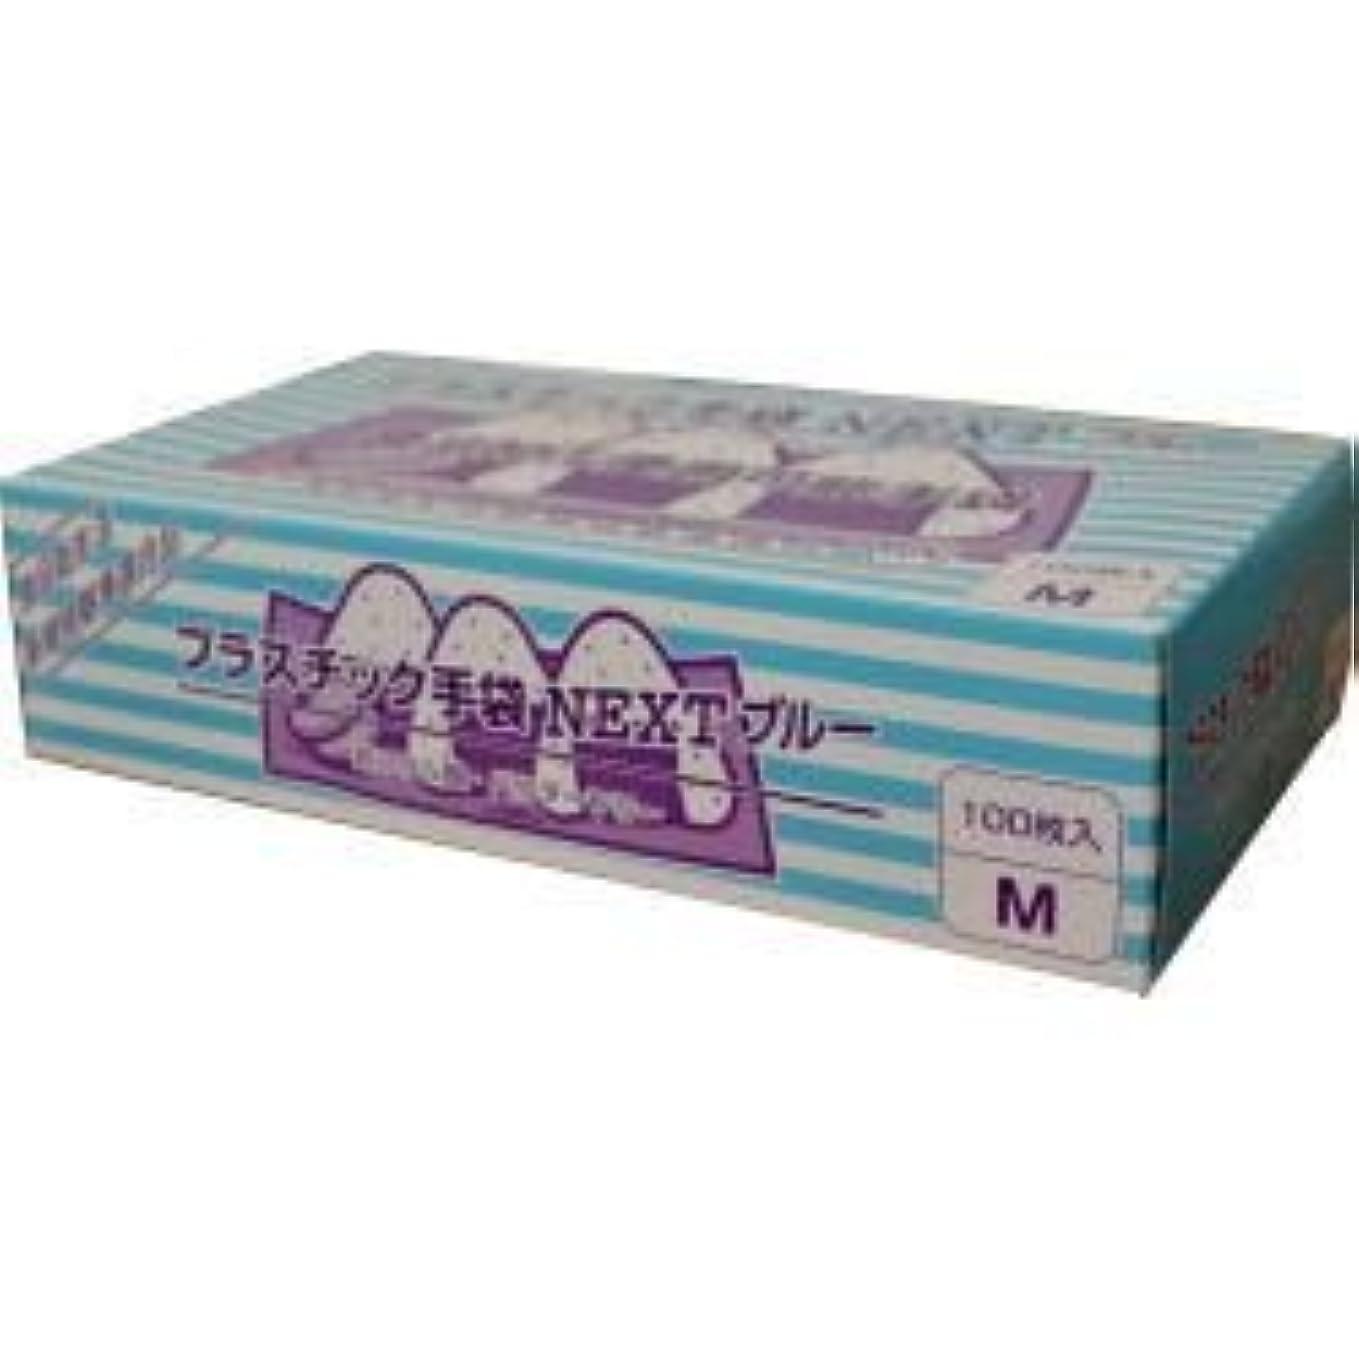 フィットネス珍しい蒸発プラスチック手袋NEXTパウダーフリー(ブルー)Mサイズ 100枚/箱×20箱/ケース 2000枚(1000双)入り